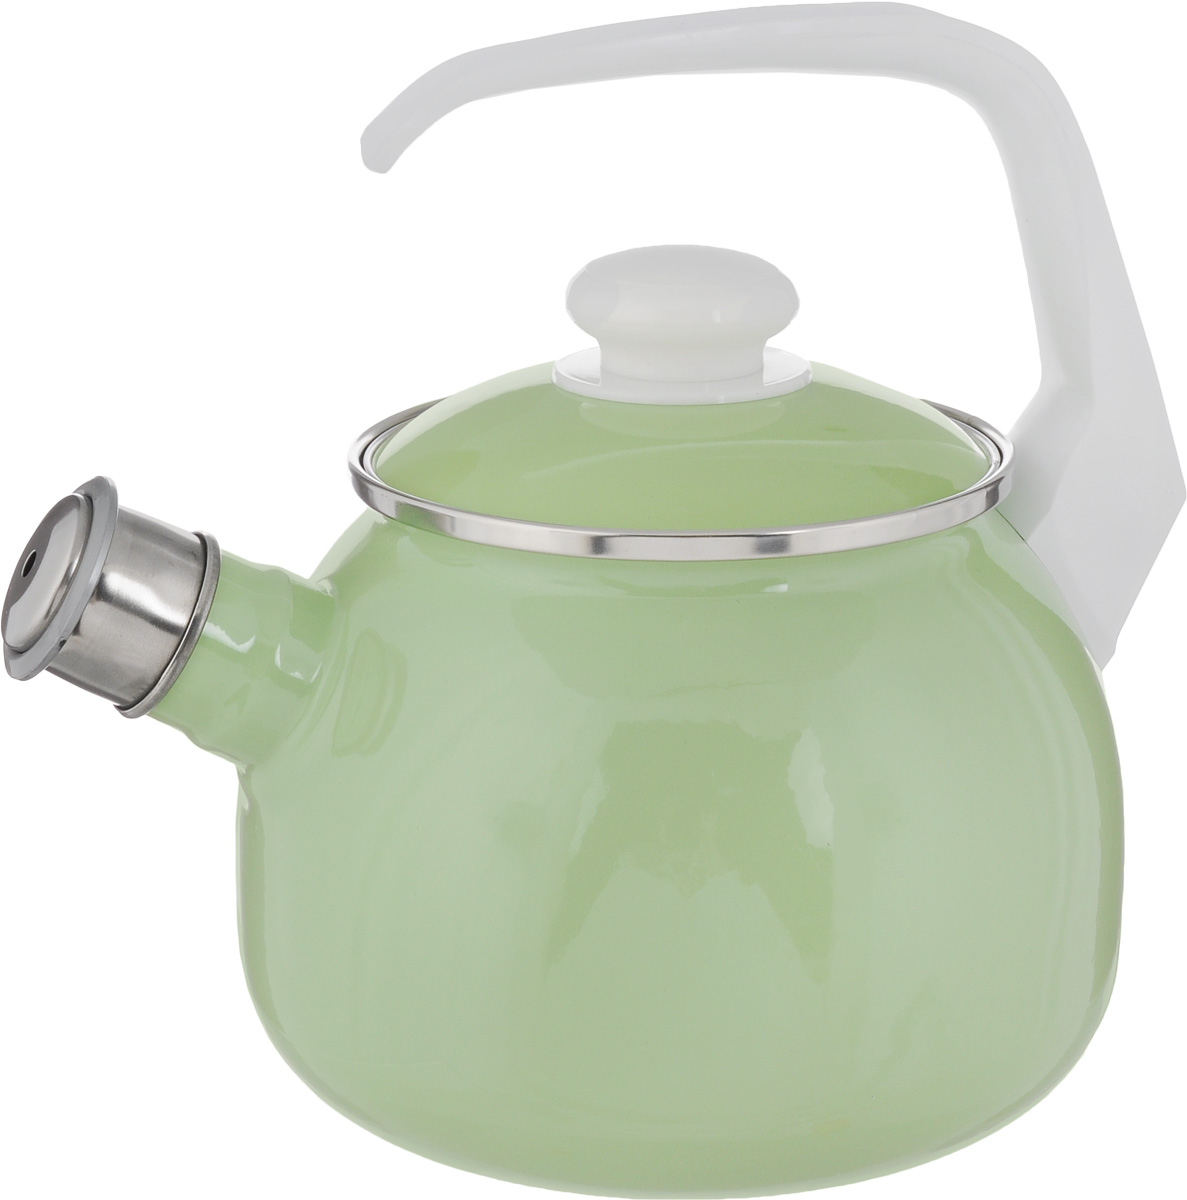 Чайник Elros Green Apple, со свистком, цвет: зеленый, 2,5 л68/5/3Чайник Elros Green Apple изготовлен из высококачественной нержавеющей стали с эмалированным покрытием. Нержавеющая сталь обладает высокой устойчивостью к коррозии, не вступает в реакцию с холодными и горячими продуктами и полностью сохраняет их вкусовые качества. Особая конструкция дна способствует высокой теплопроводности и равномерному распределению тепла. Чайник оснащен удобной ручкой. Носик чайника имеет снимающийся свисток, звуковой сигнал которого подскажет, когда закипит вода. Подходит для всех типов плит, включая индукционные. Можно мыть в посудомоечной машине.Диаметр чайника (по верхнему краю): 12,5 см.Высота чайника (без учета ручки и крышки): 13 см.Высота чайника (с учетом ручки): 23 см.